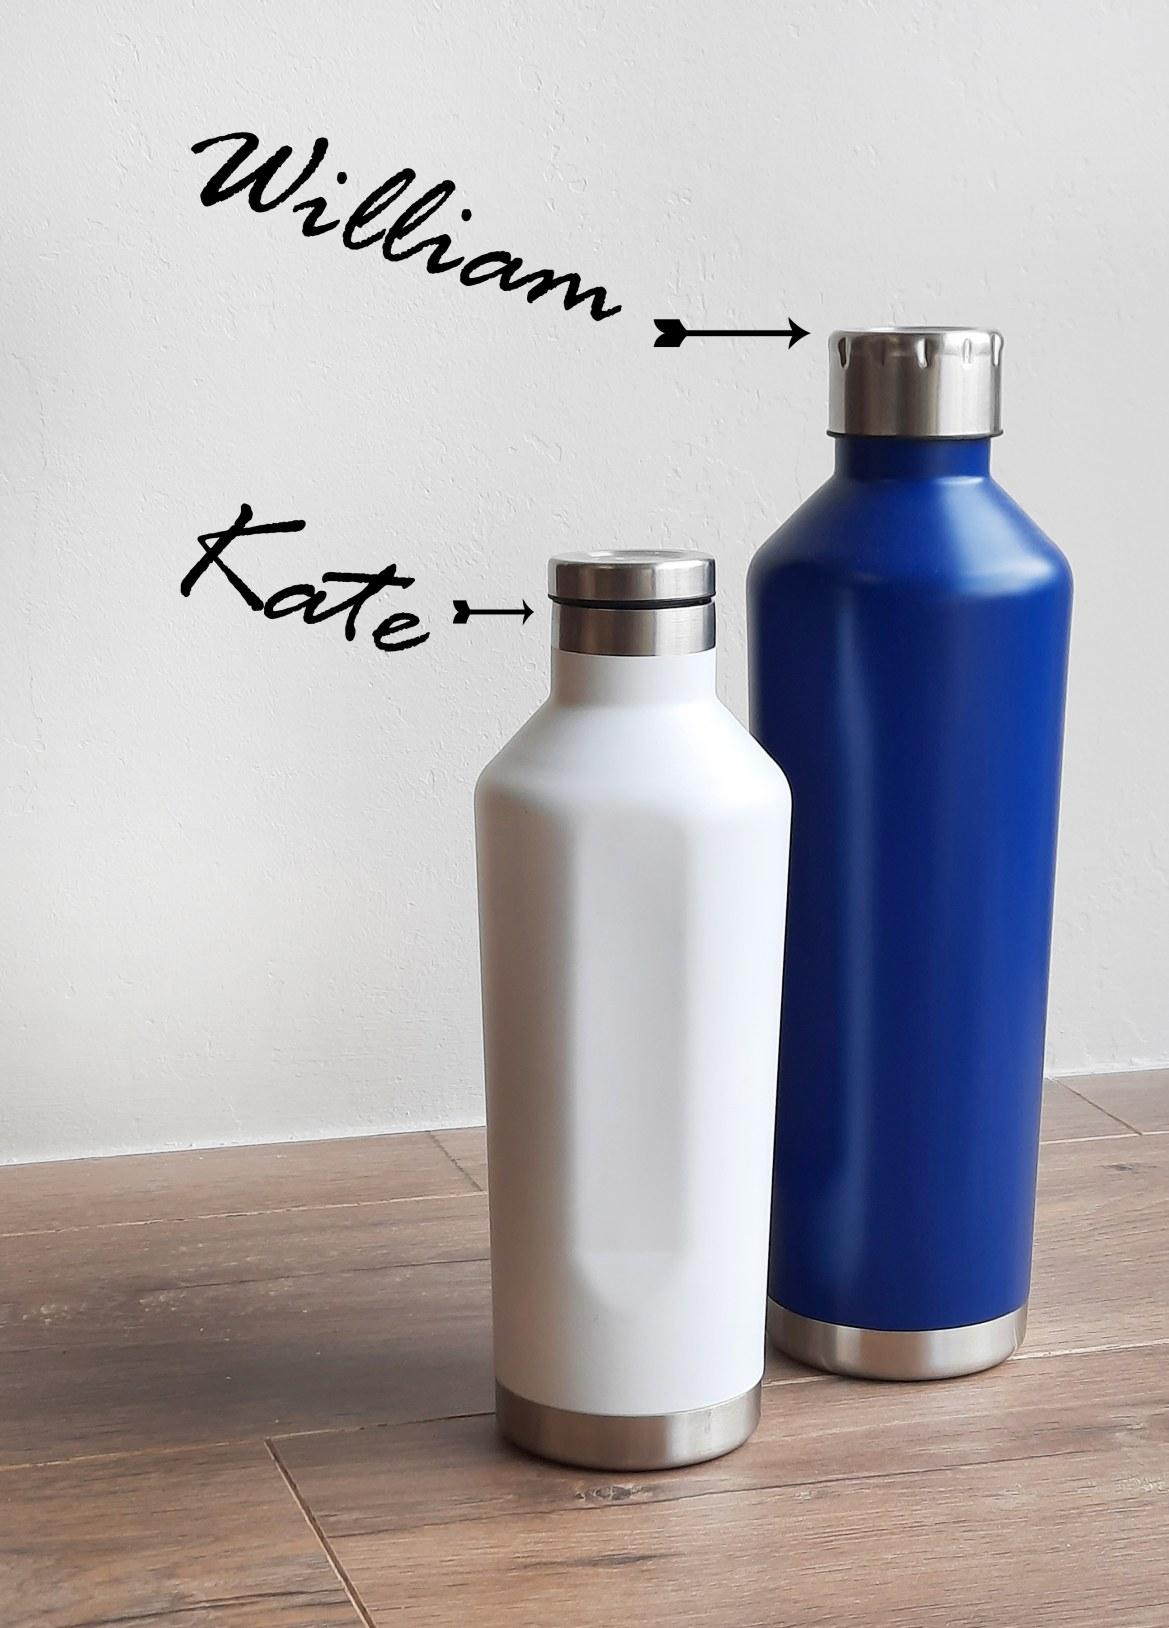 kateWilliam